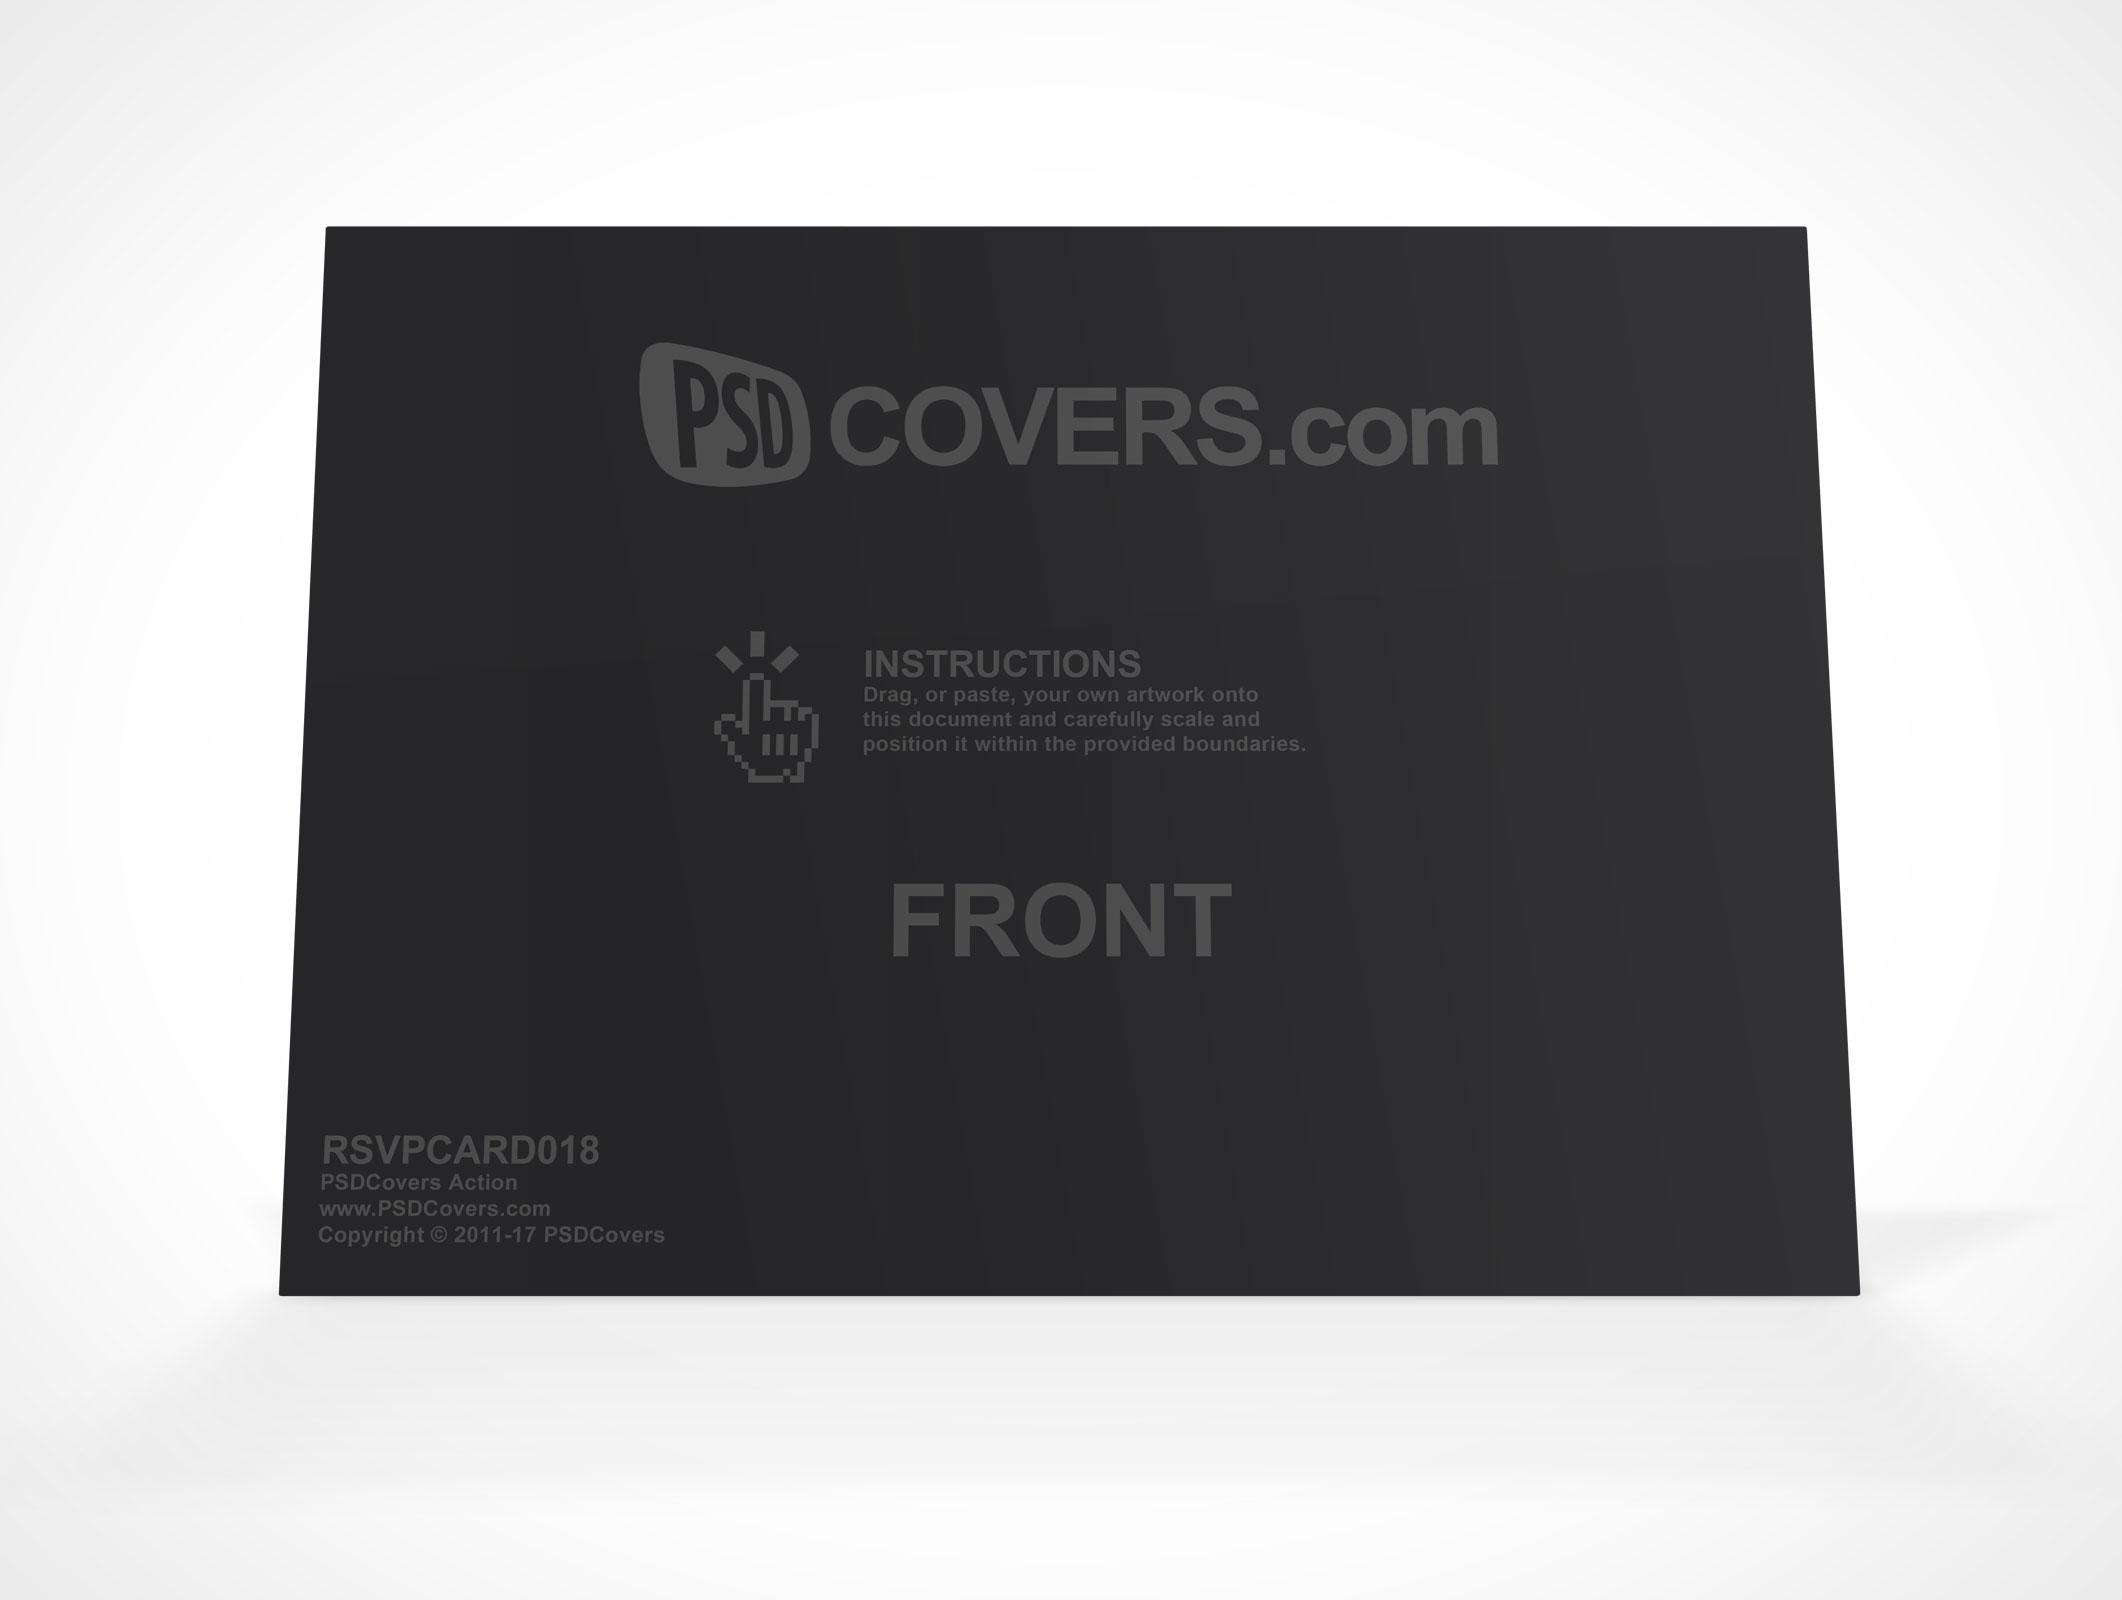 photoshop mockups for product presentation rsvp card landscape